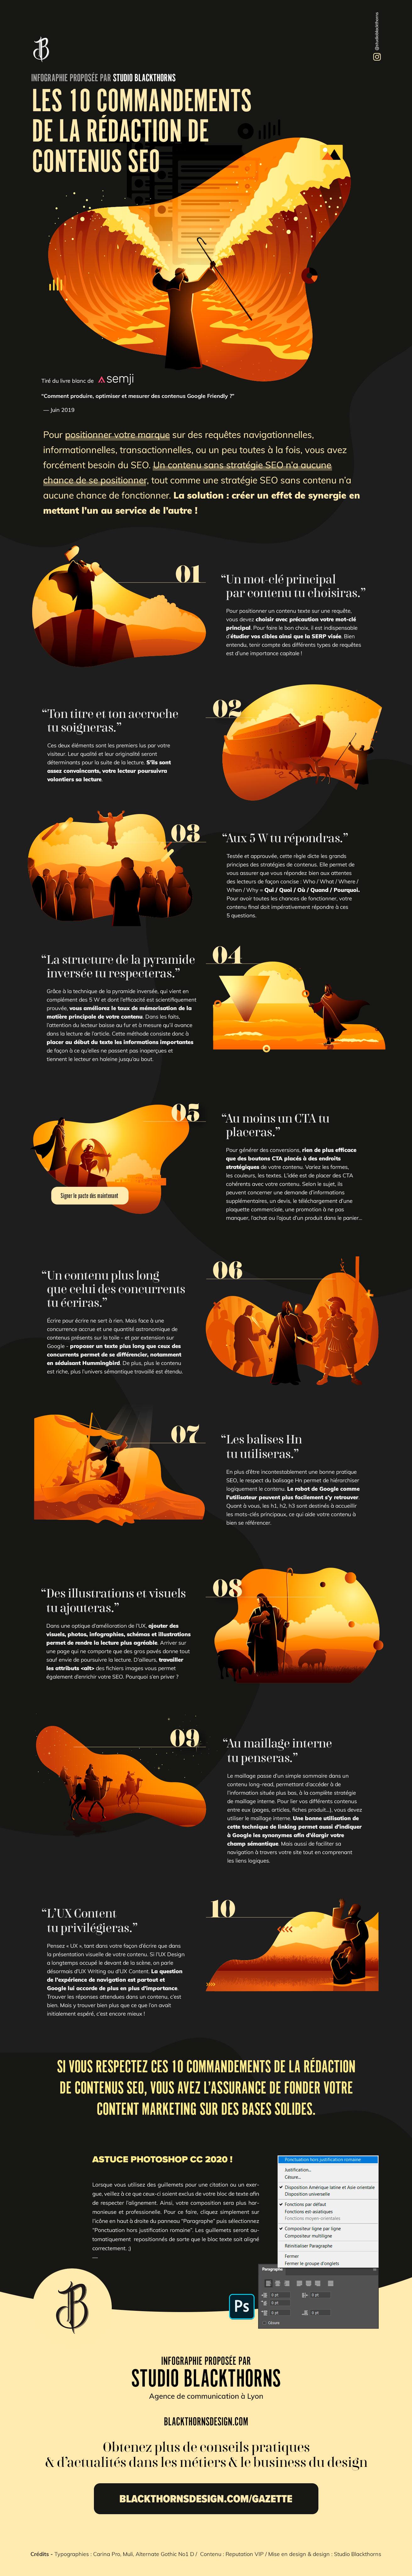 Rédaction de contenus SEO - Les 10 commandements